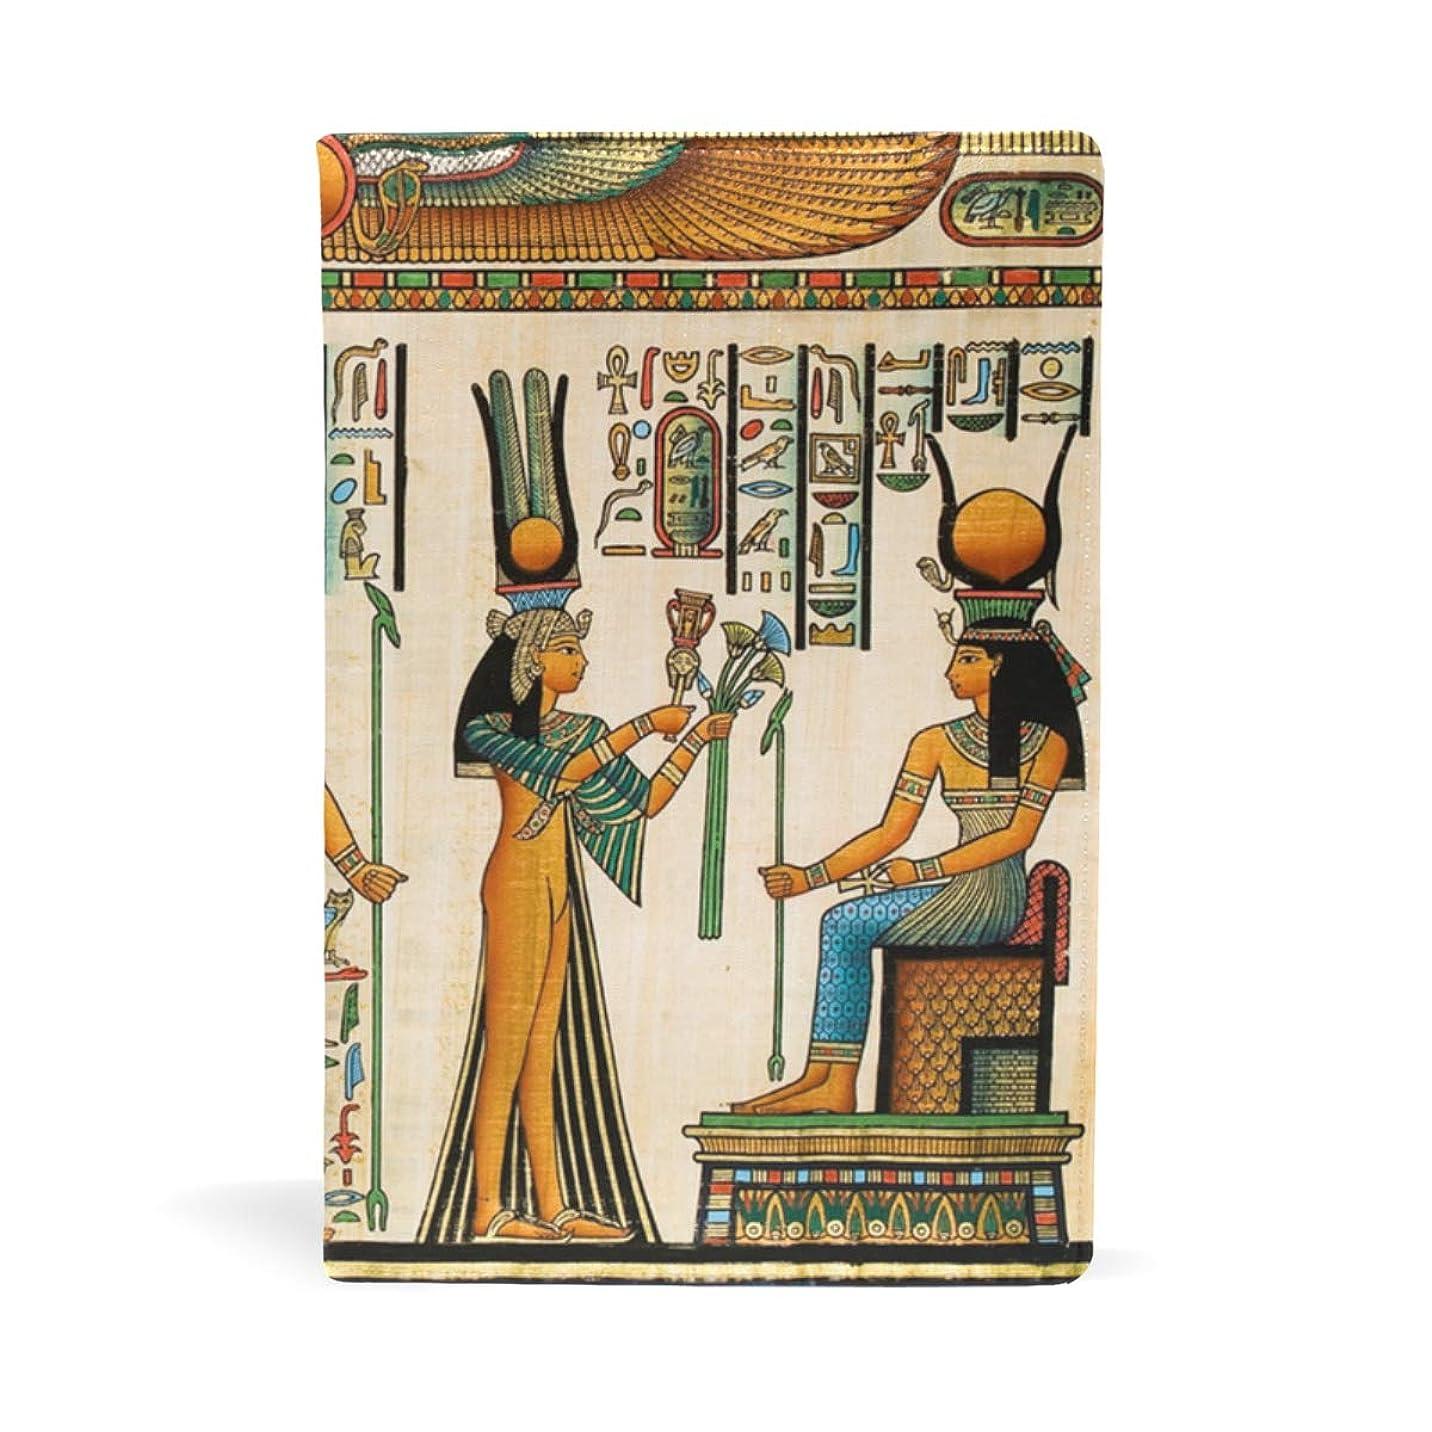 窒息させるかりて提供するエジプト古文化 ブックカバー 文庫 a5 皮革 おしゃれ 文庫本カバー 資料 収納入れ オフィス用品 読書 雑貨 プレゼント耐久性に優れ